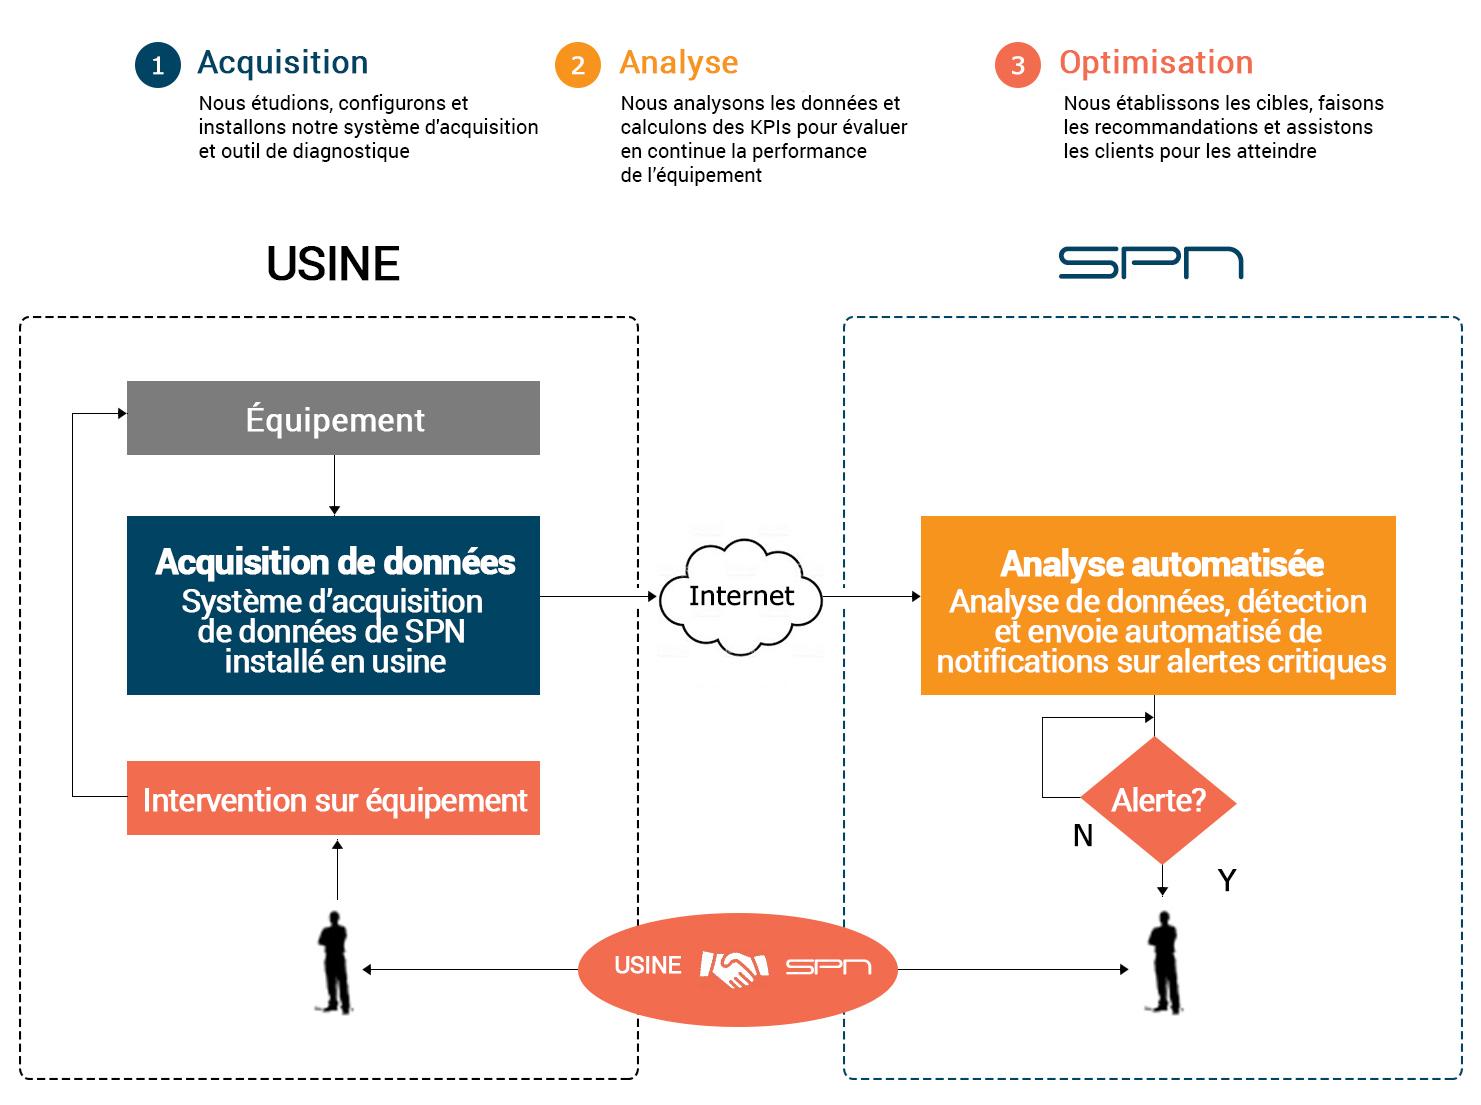 SPN - Surveillance active et optimisation en trois étapes